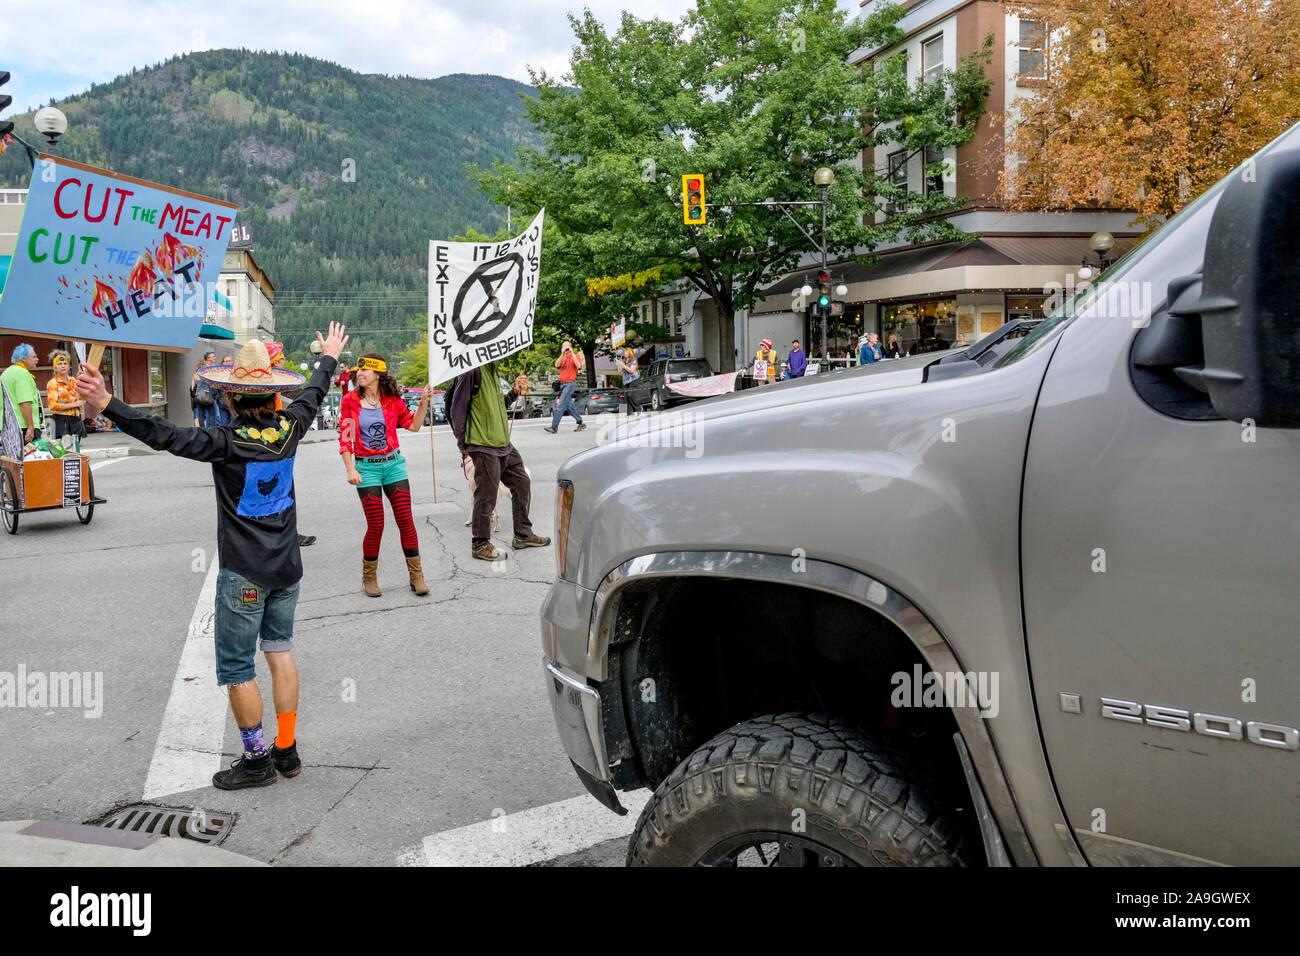 Rébellion d'extinction et d'arrêt des militants occupent le centre de l'intersection pour quatre minutes pour souligner le besoin de changement, Nelson (Colombie-Britannique), Cana Banque D'Images